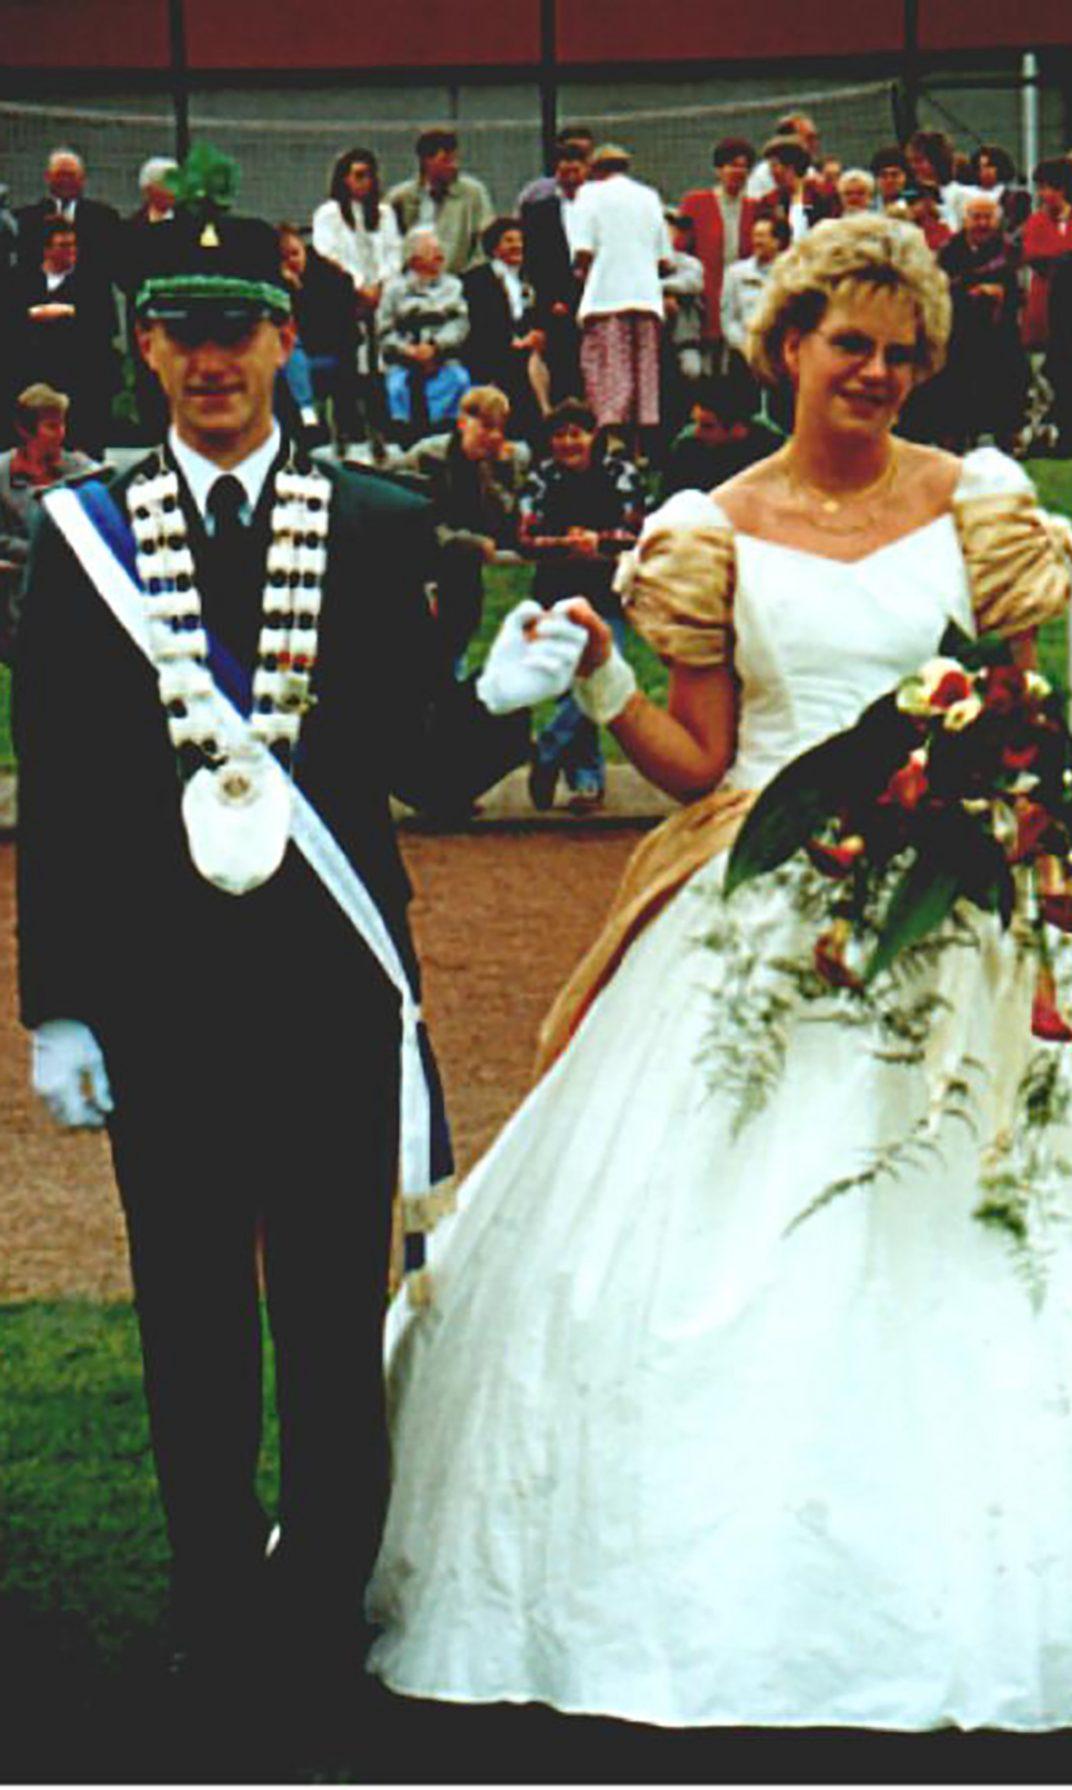 Koenigspaar_1995